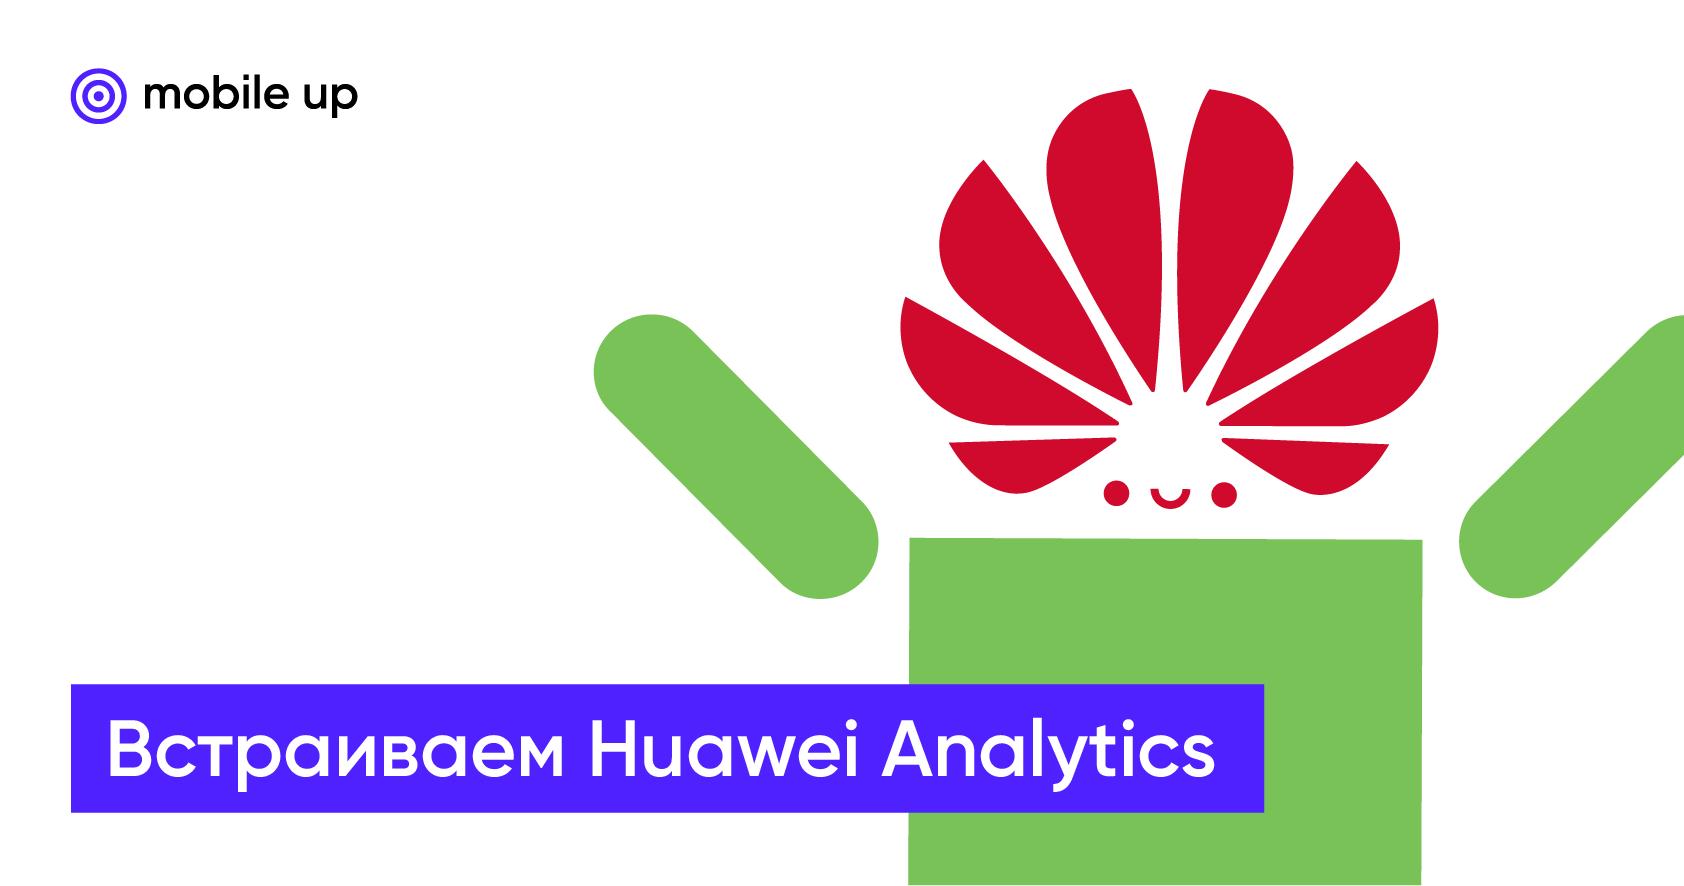 Встраиваем аналитику от Huawei в Android приложение